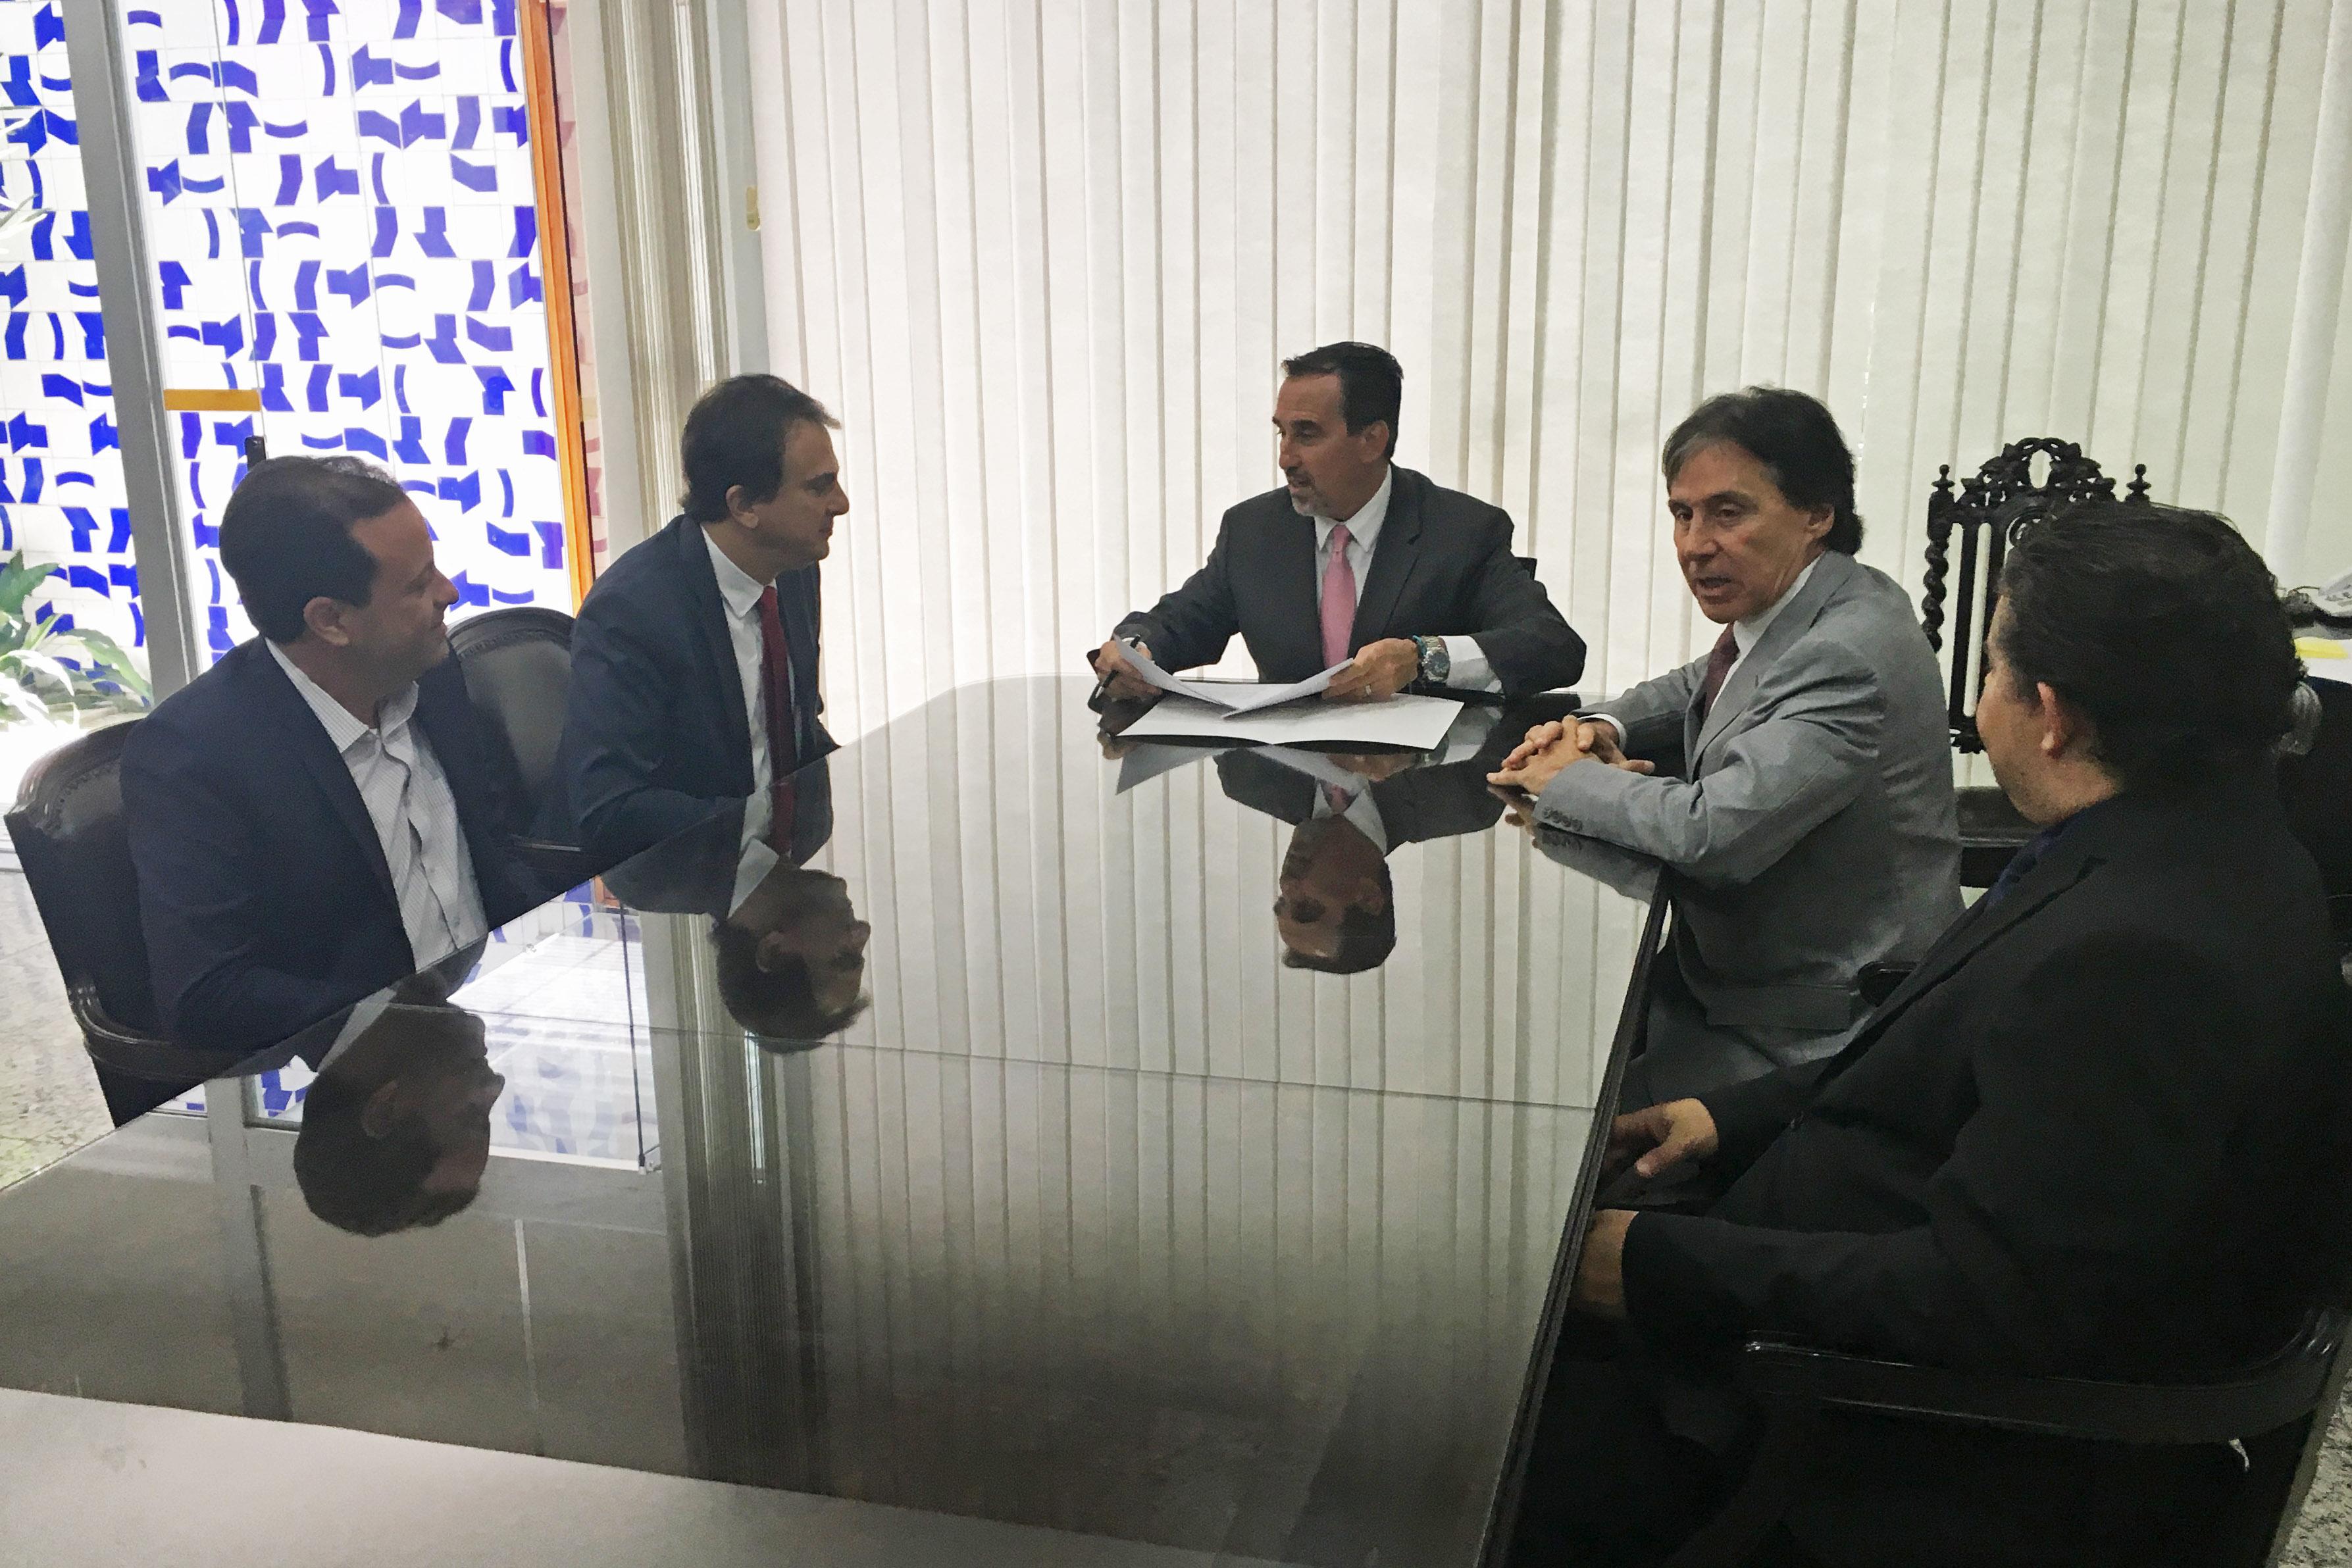 Ministério da Saúde libera R$ 7 milhões e garante habilitação do SAMU para mais de 40 municípios cearenses